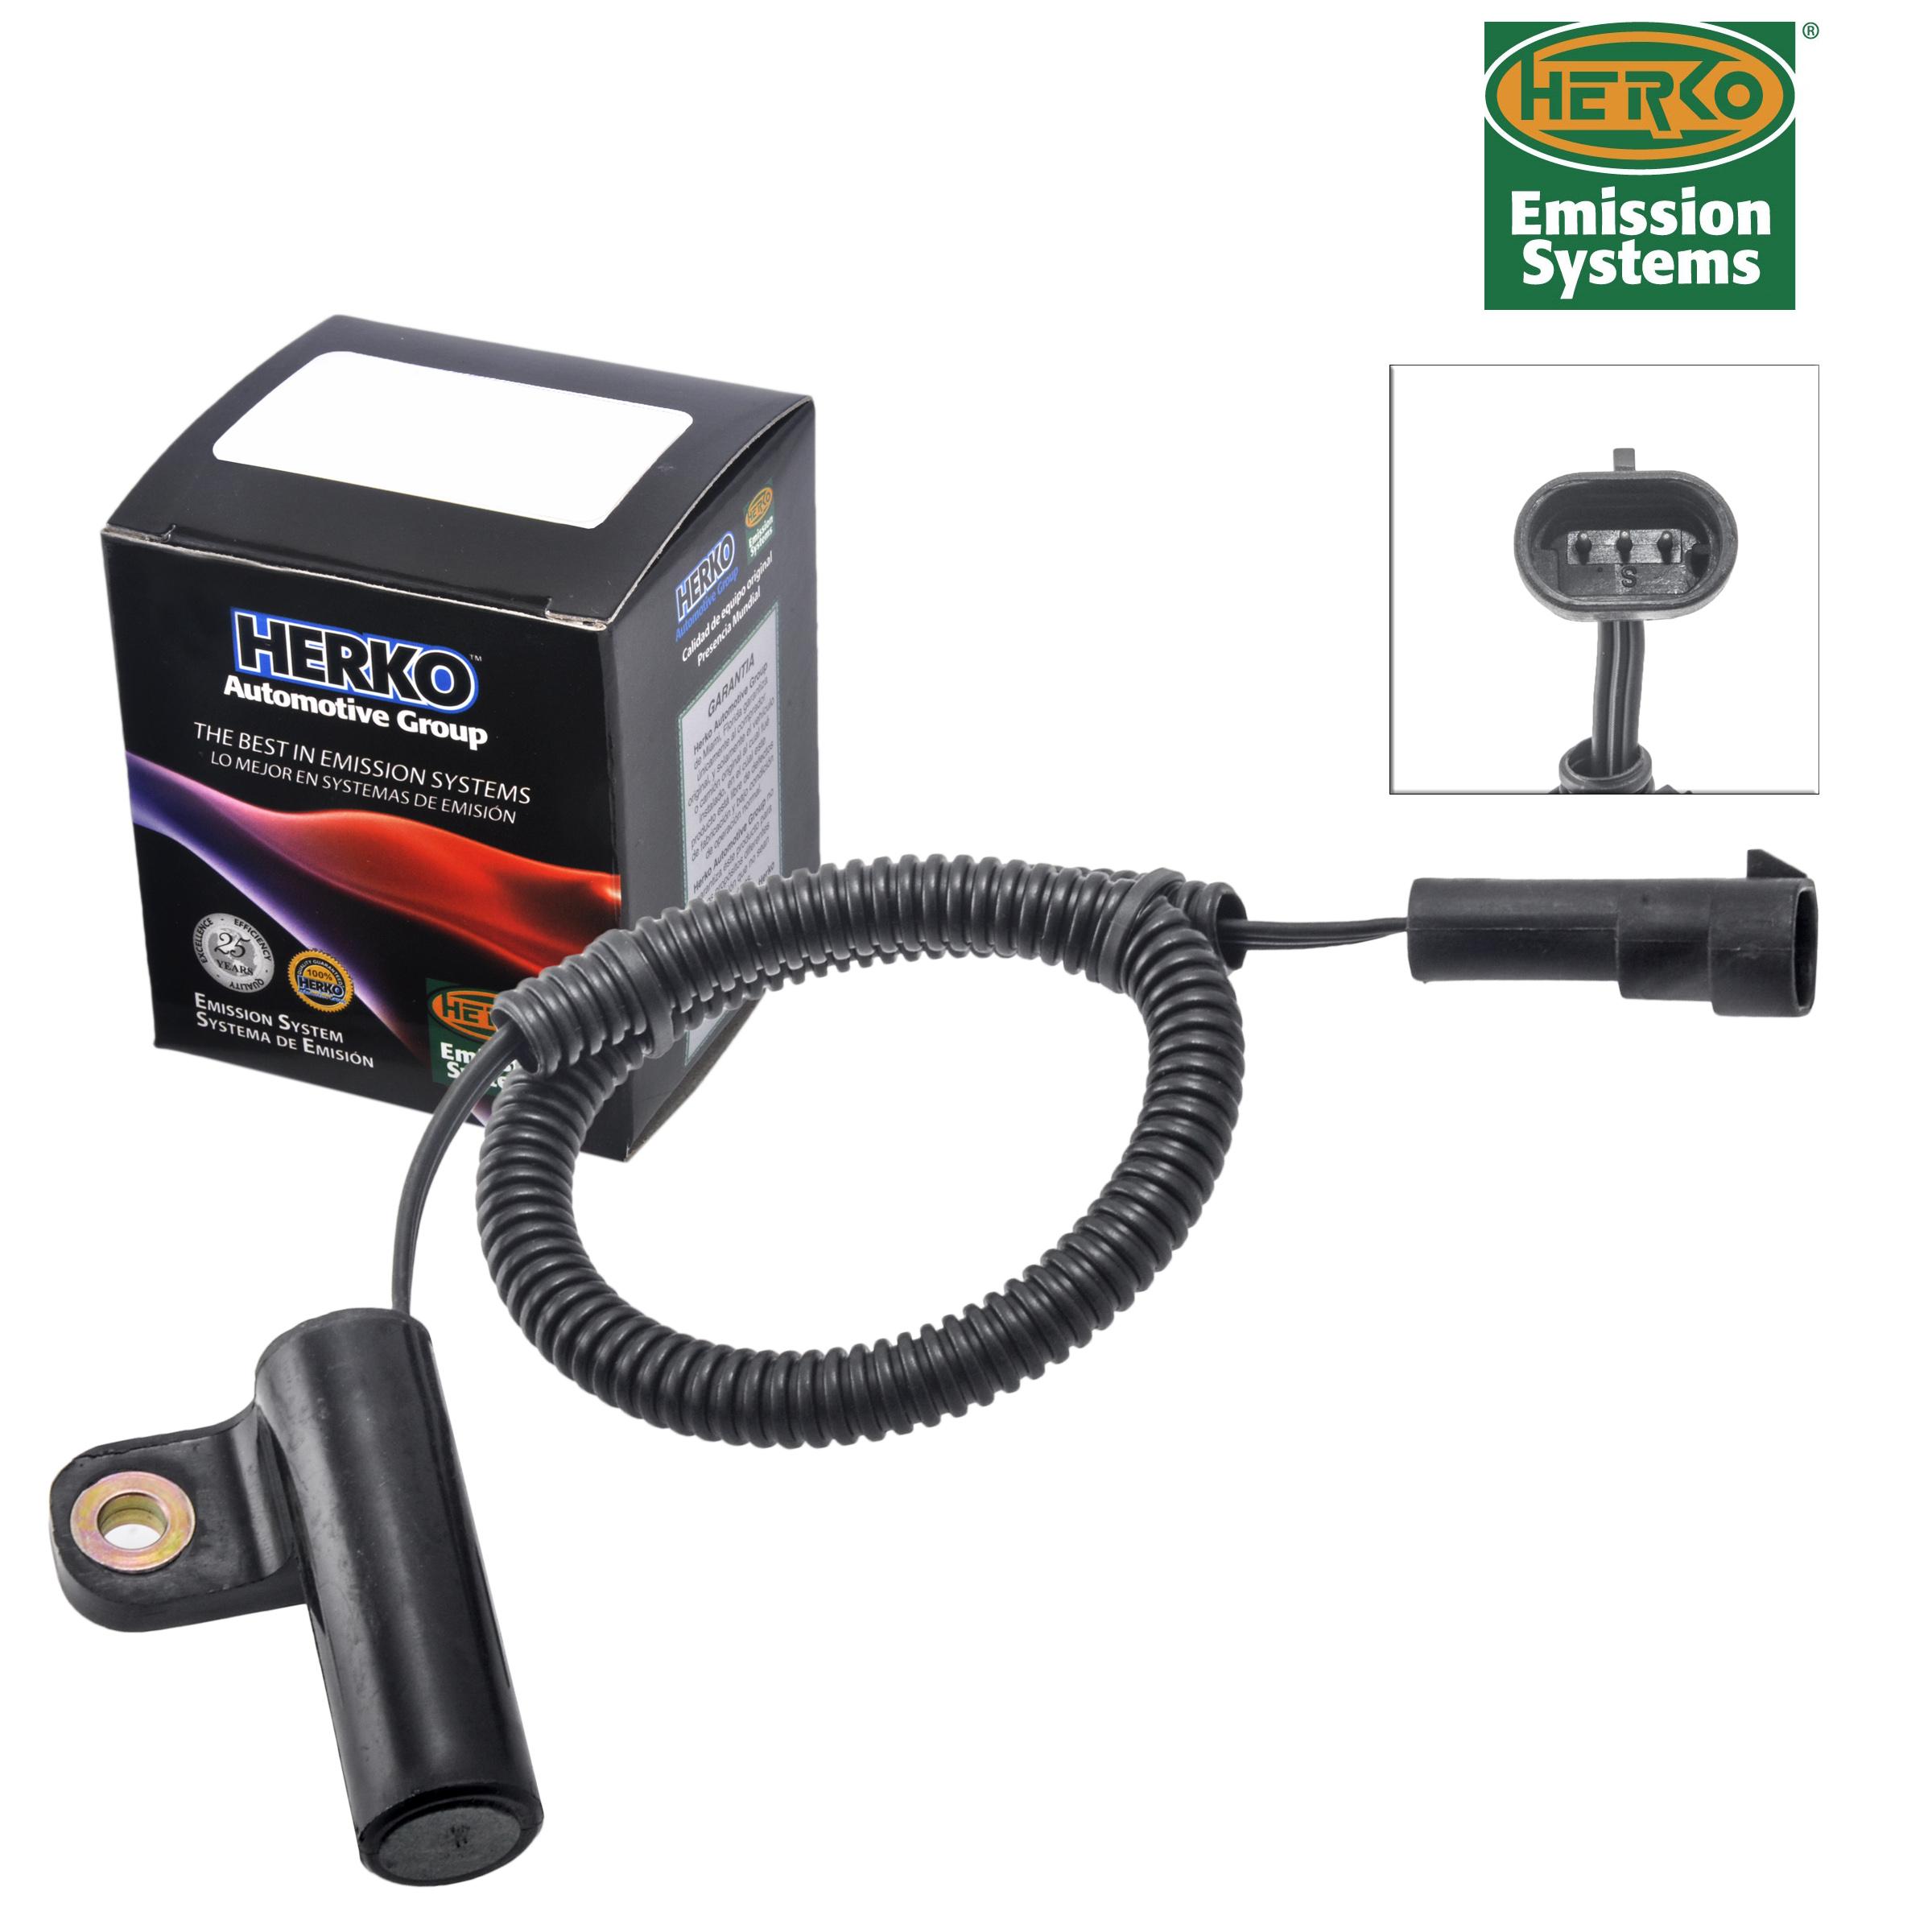 Crankshaft Position Sensor Replacement Jeep Wrangler: New Herko Crankshaft Position Sensor CKP2008 For Dodge